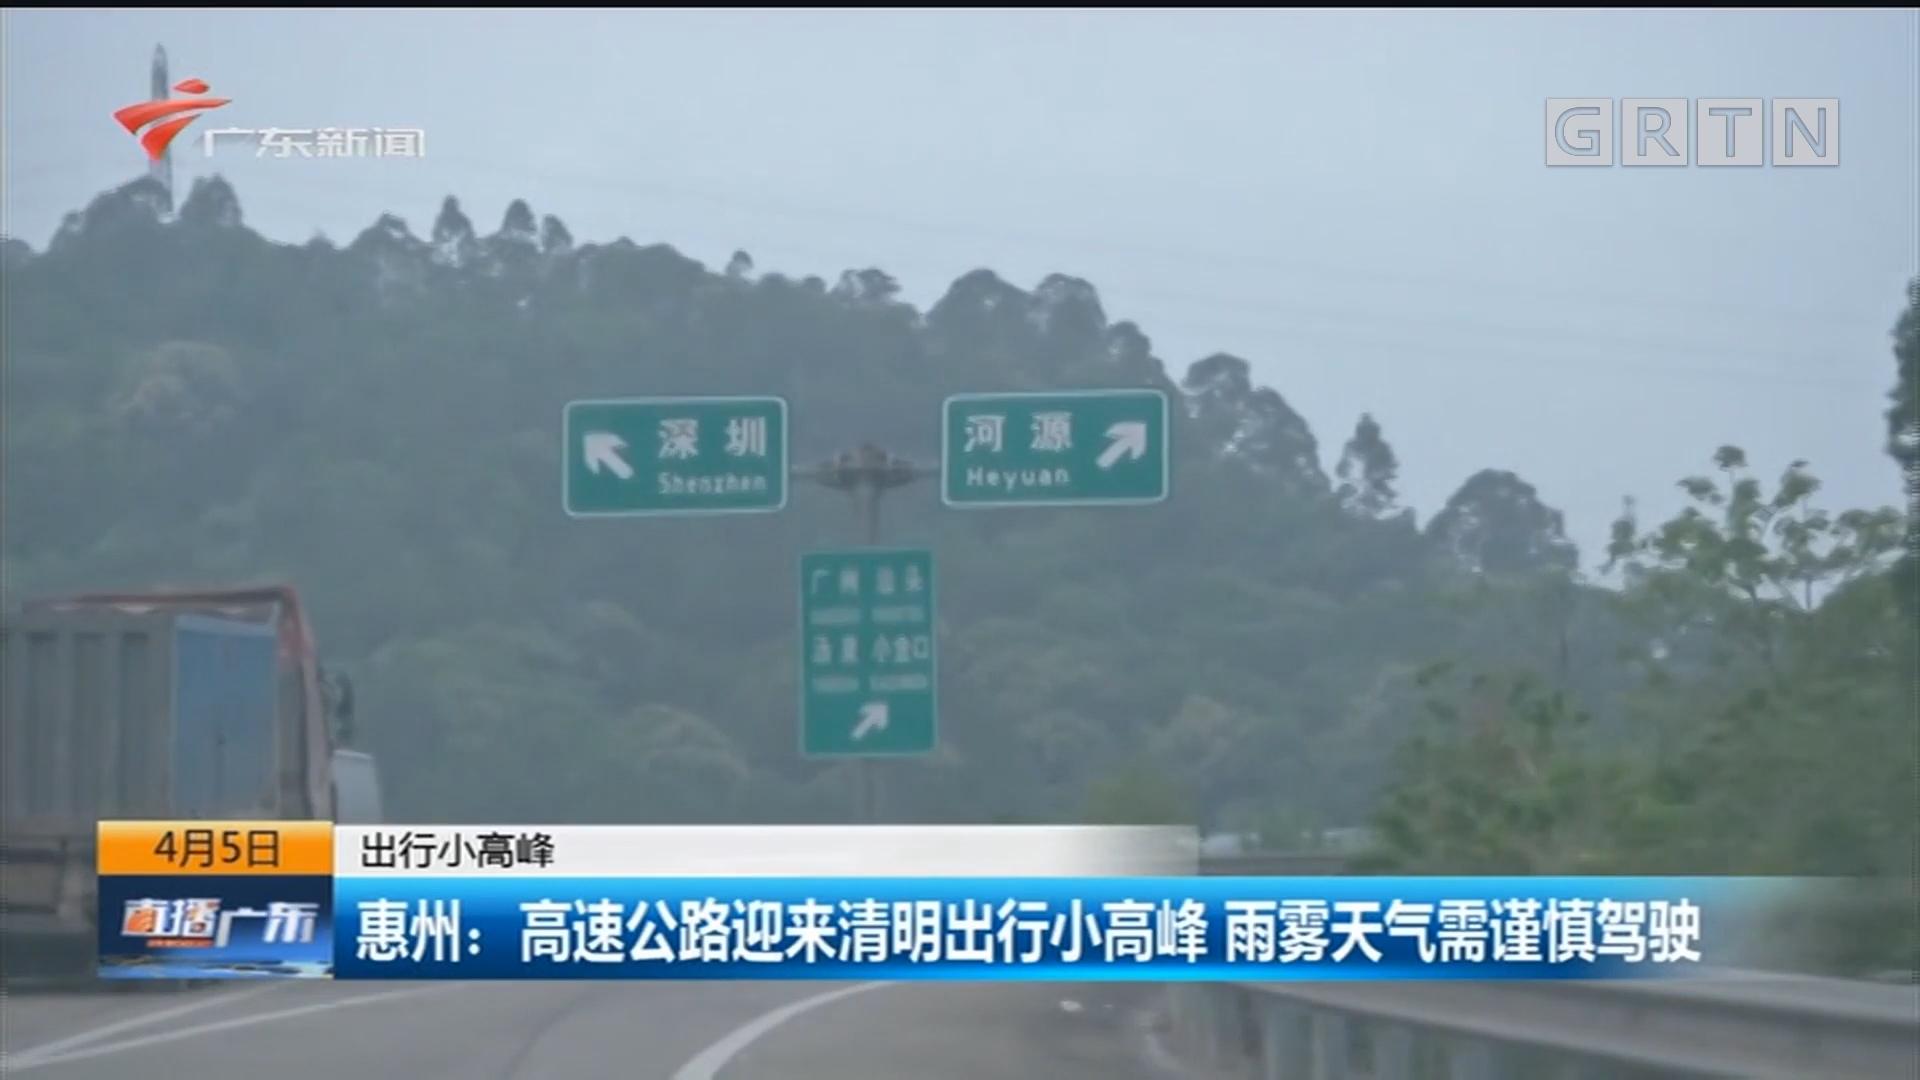 出行小高峰 惠州:高速公路迎来清明出行小高峰 雨雾天气需谨慎驾驶